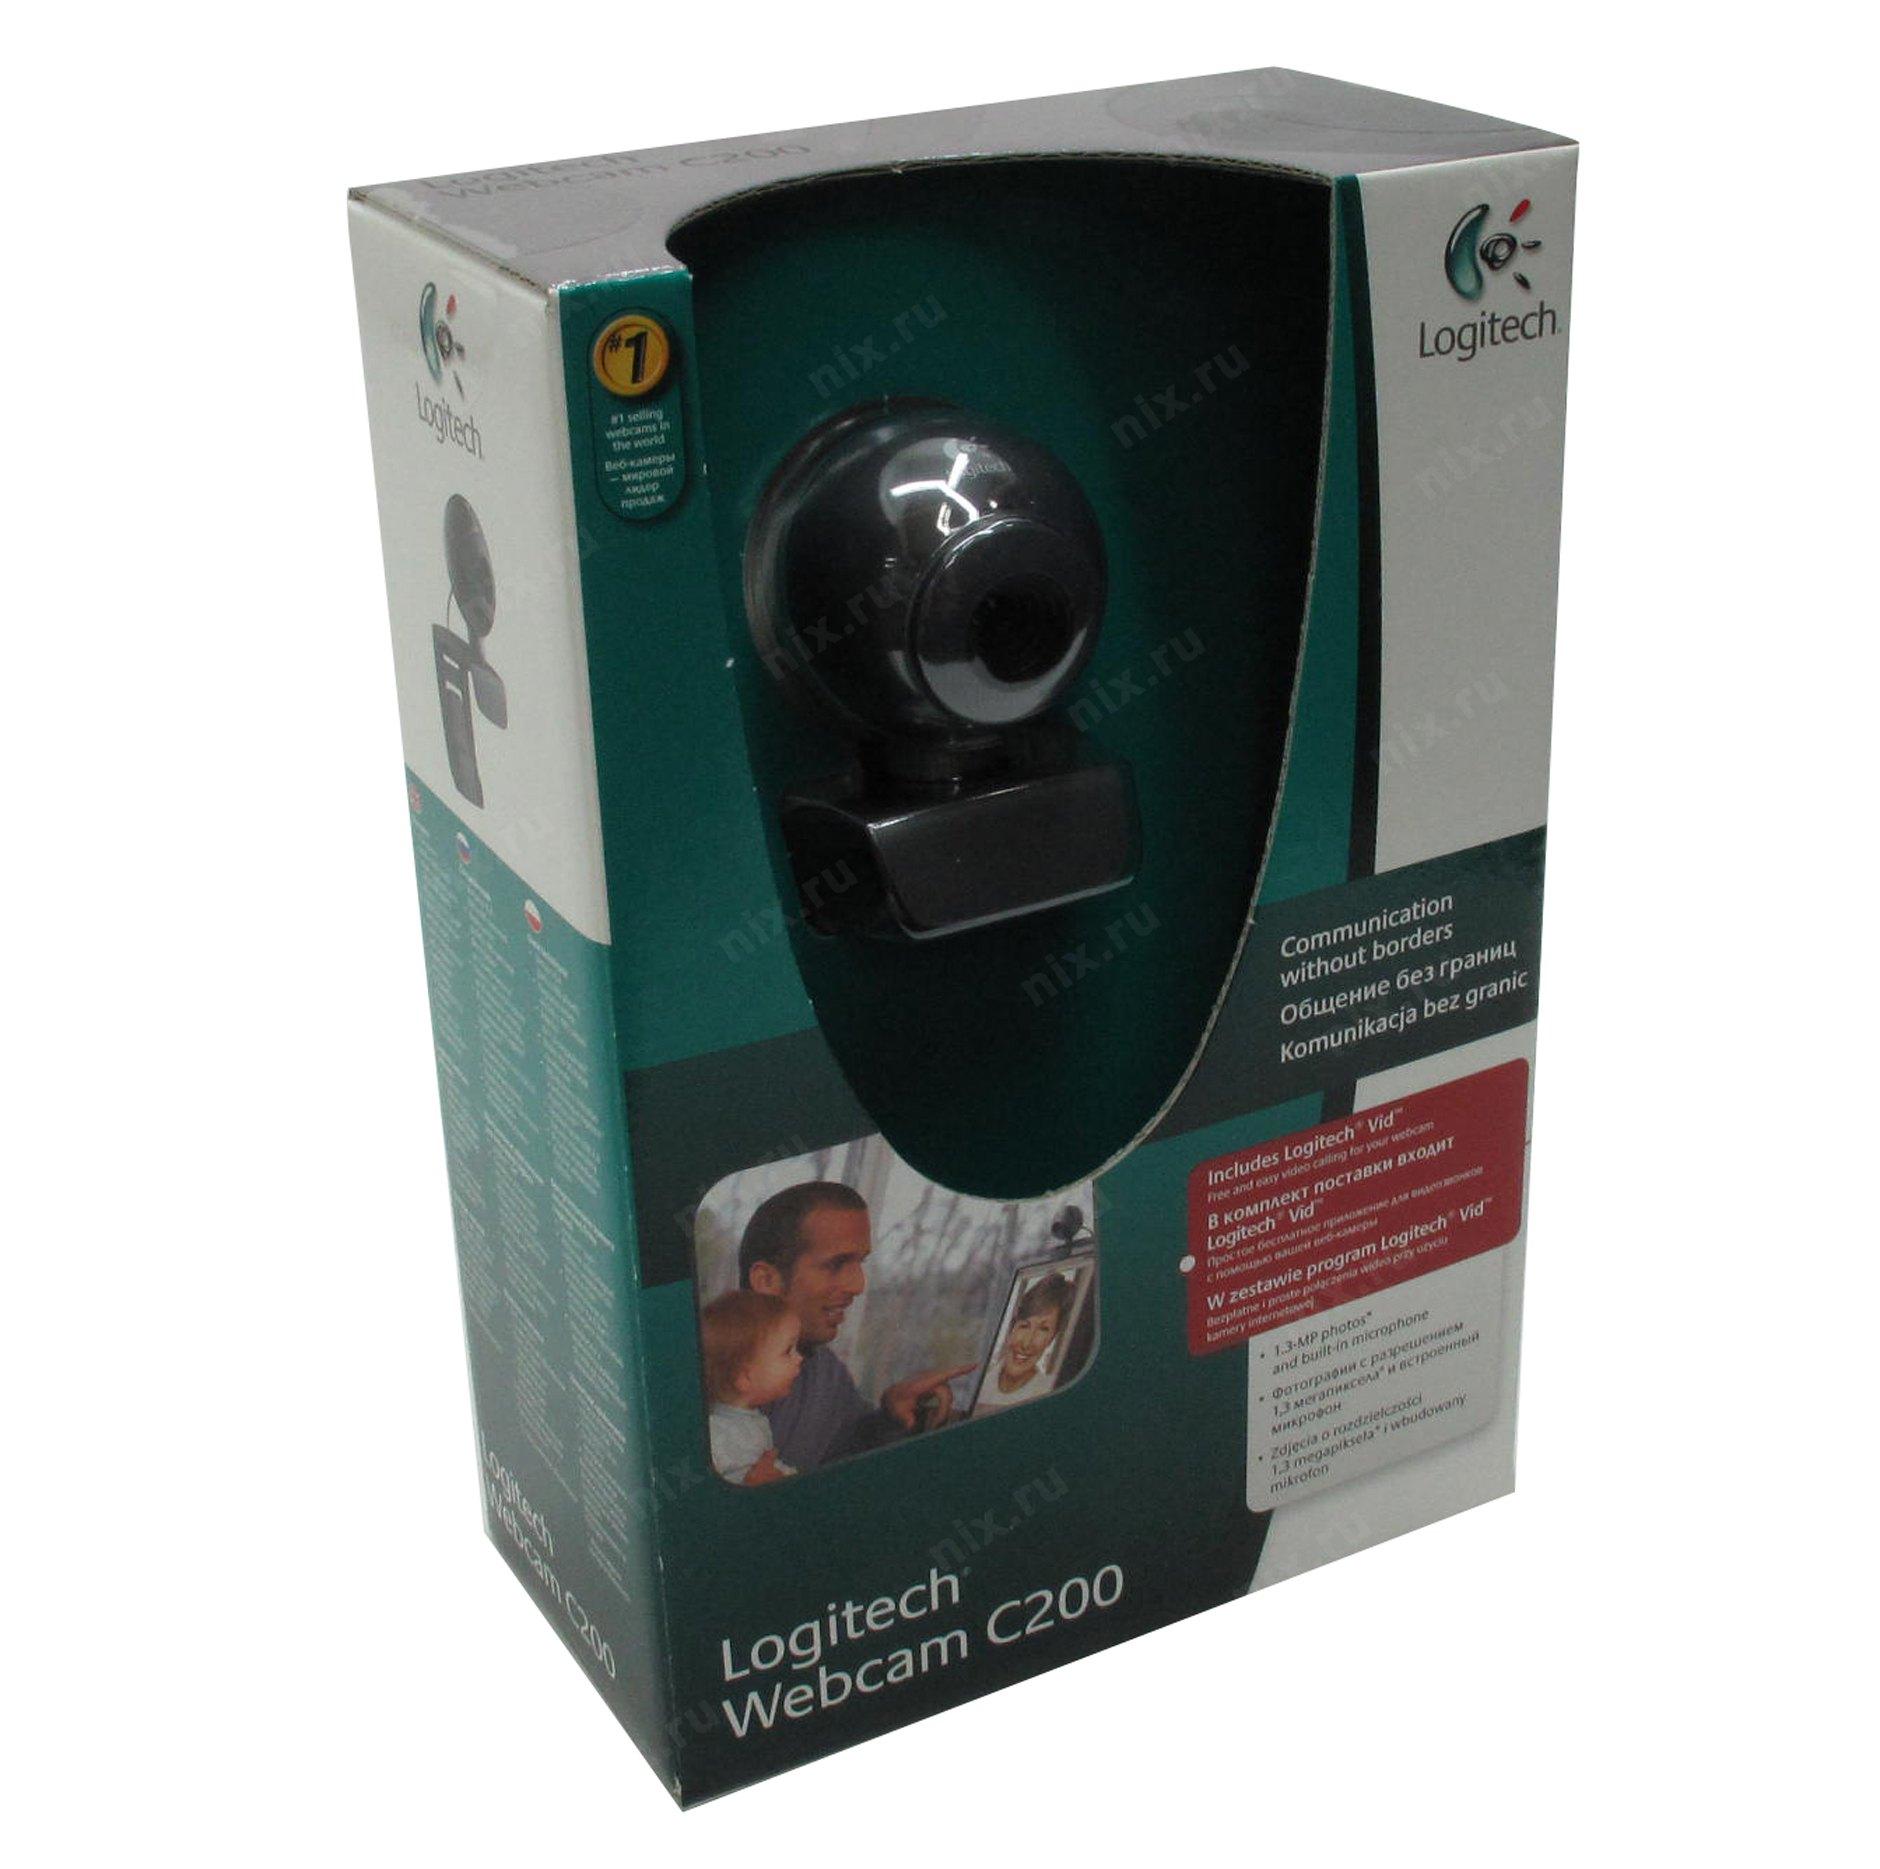 Logitech webcam c200 драйвер скачать windows 7